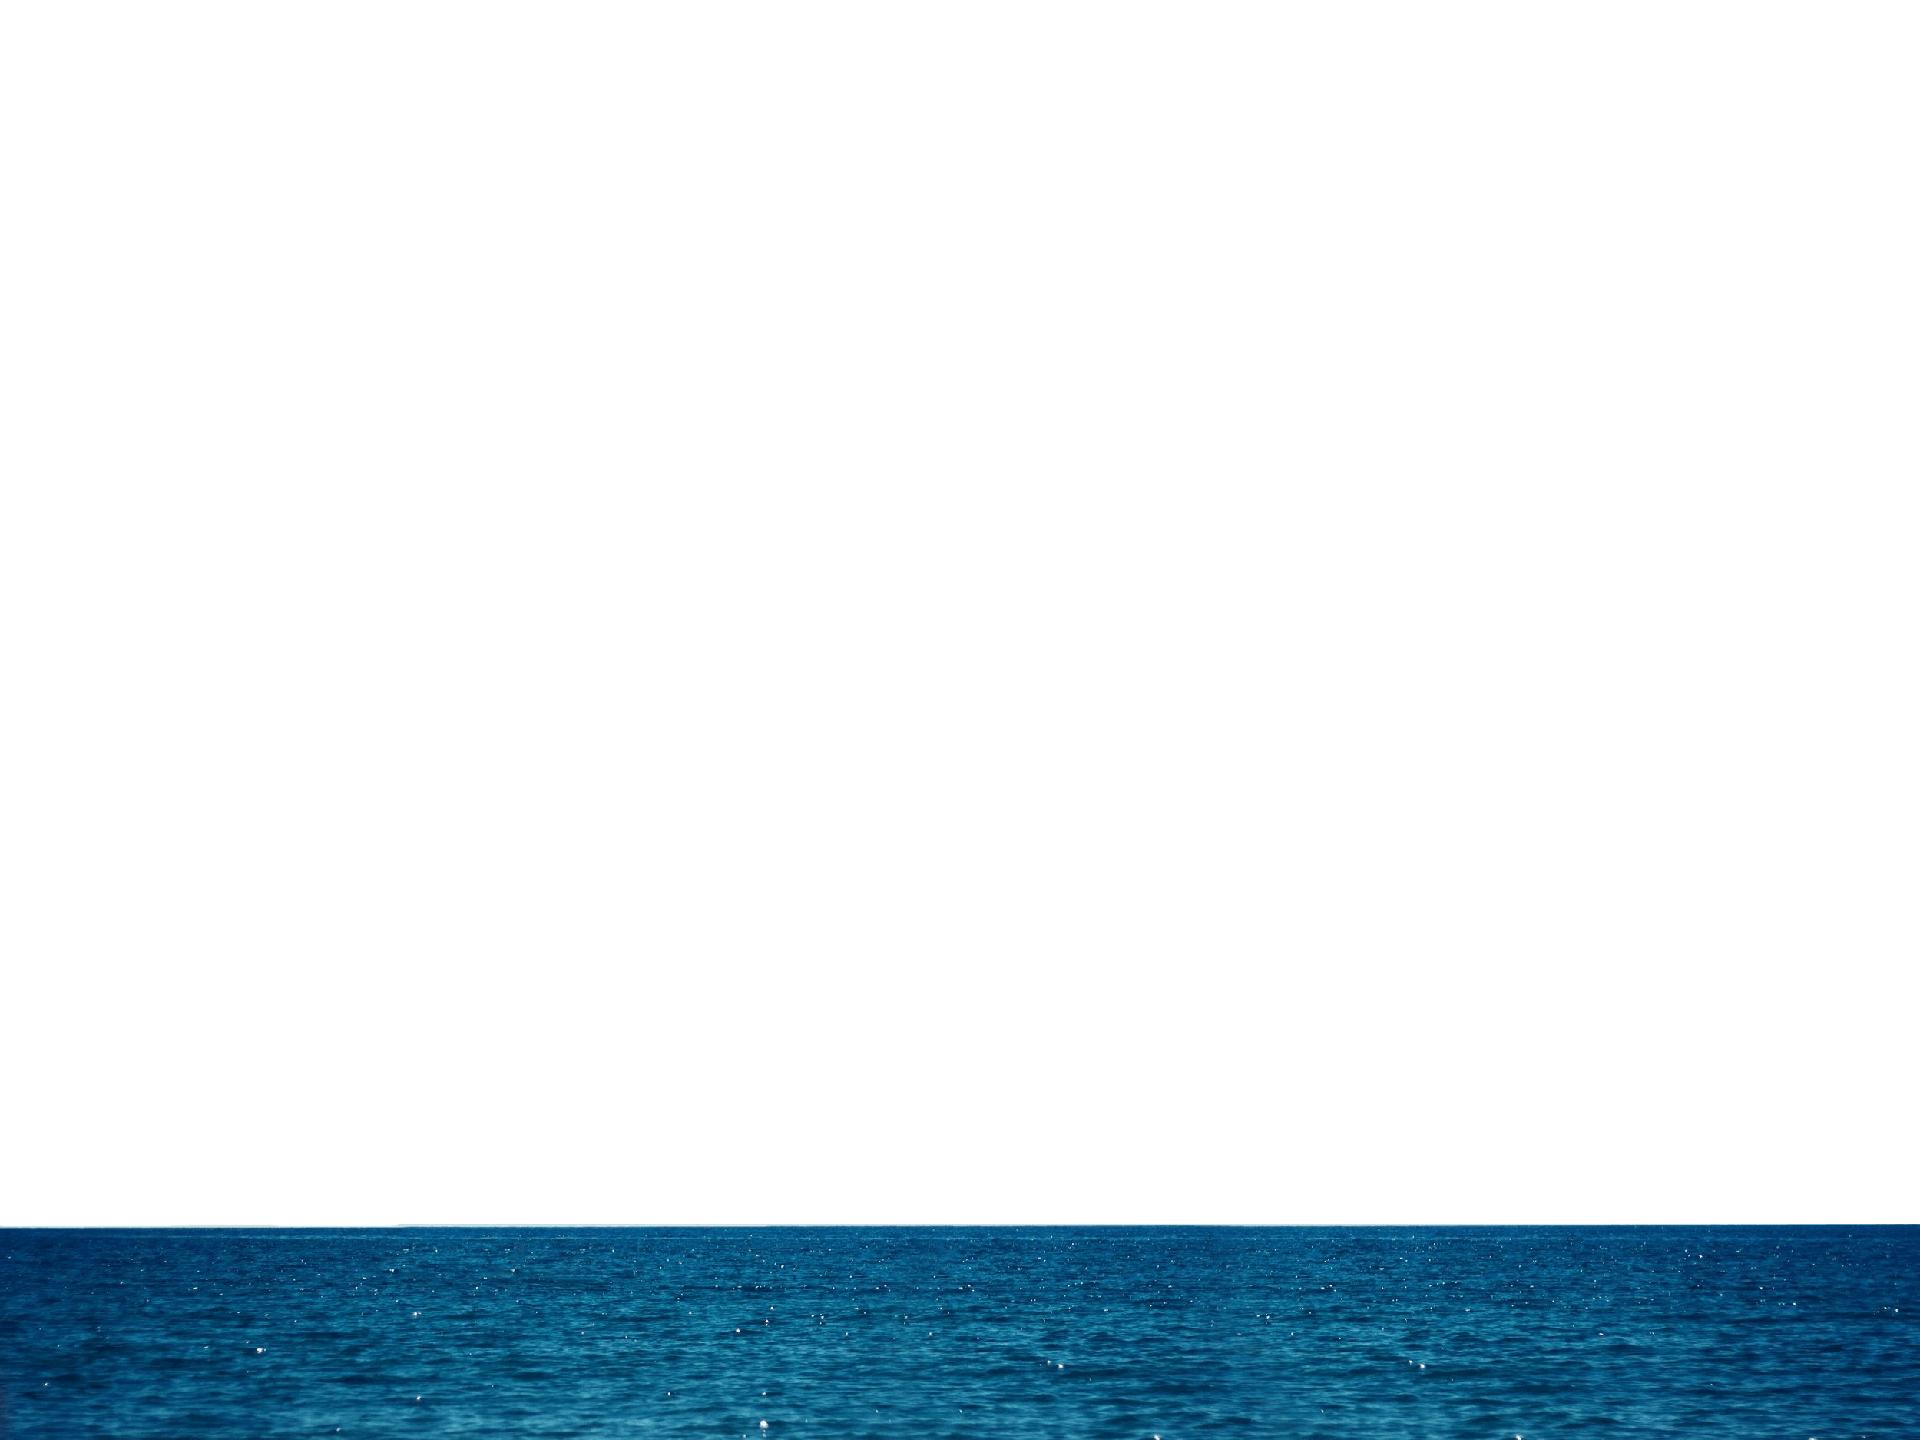 Sea png image purepng. Clipart ocean ocean horizon